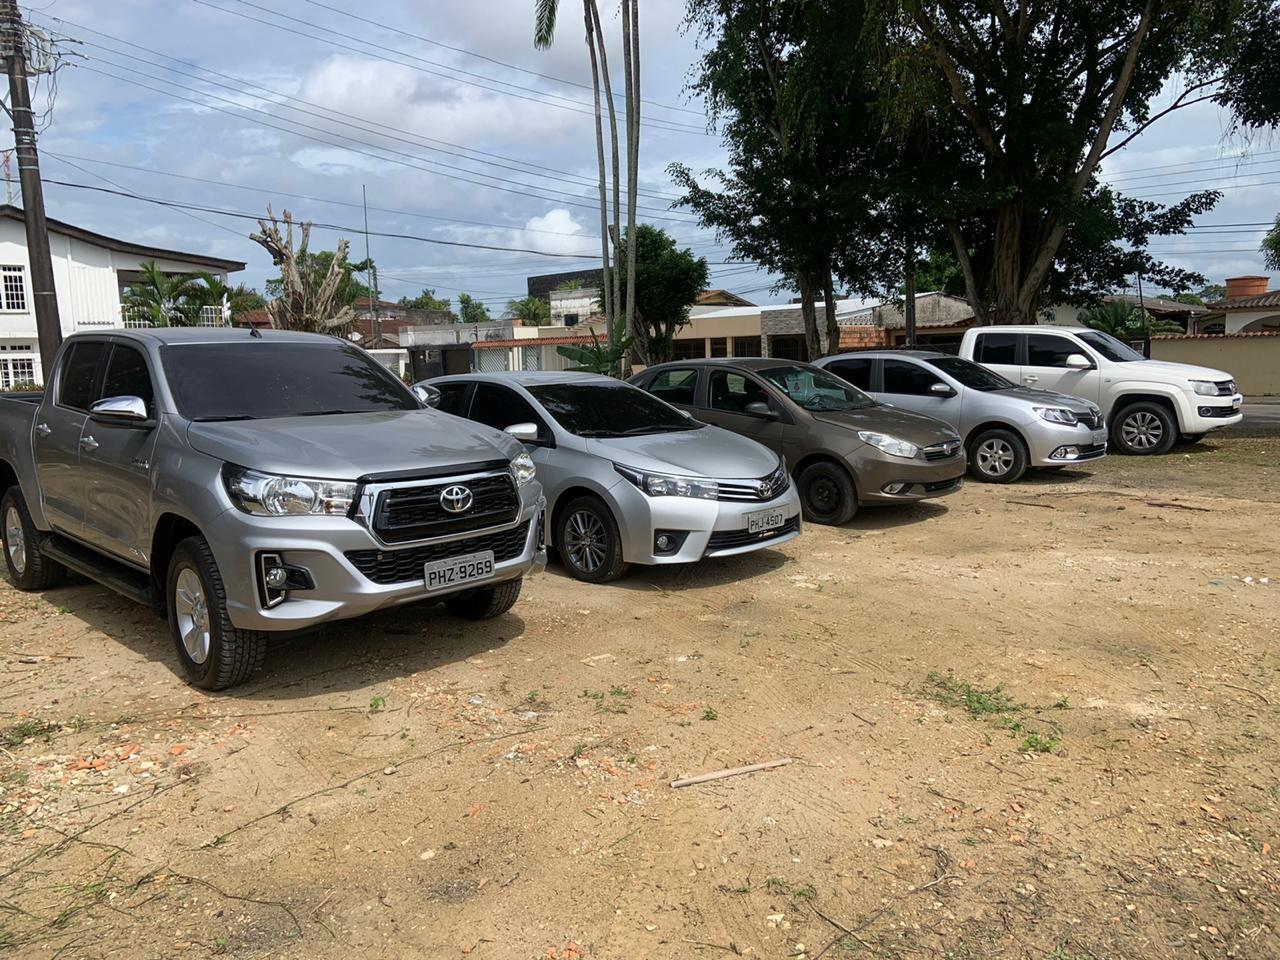 Empresários suspeitos de encomendar carros de luxo clonados são presos durante operação em Manaus